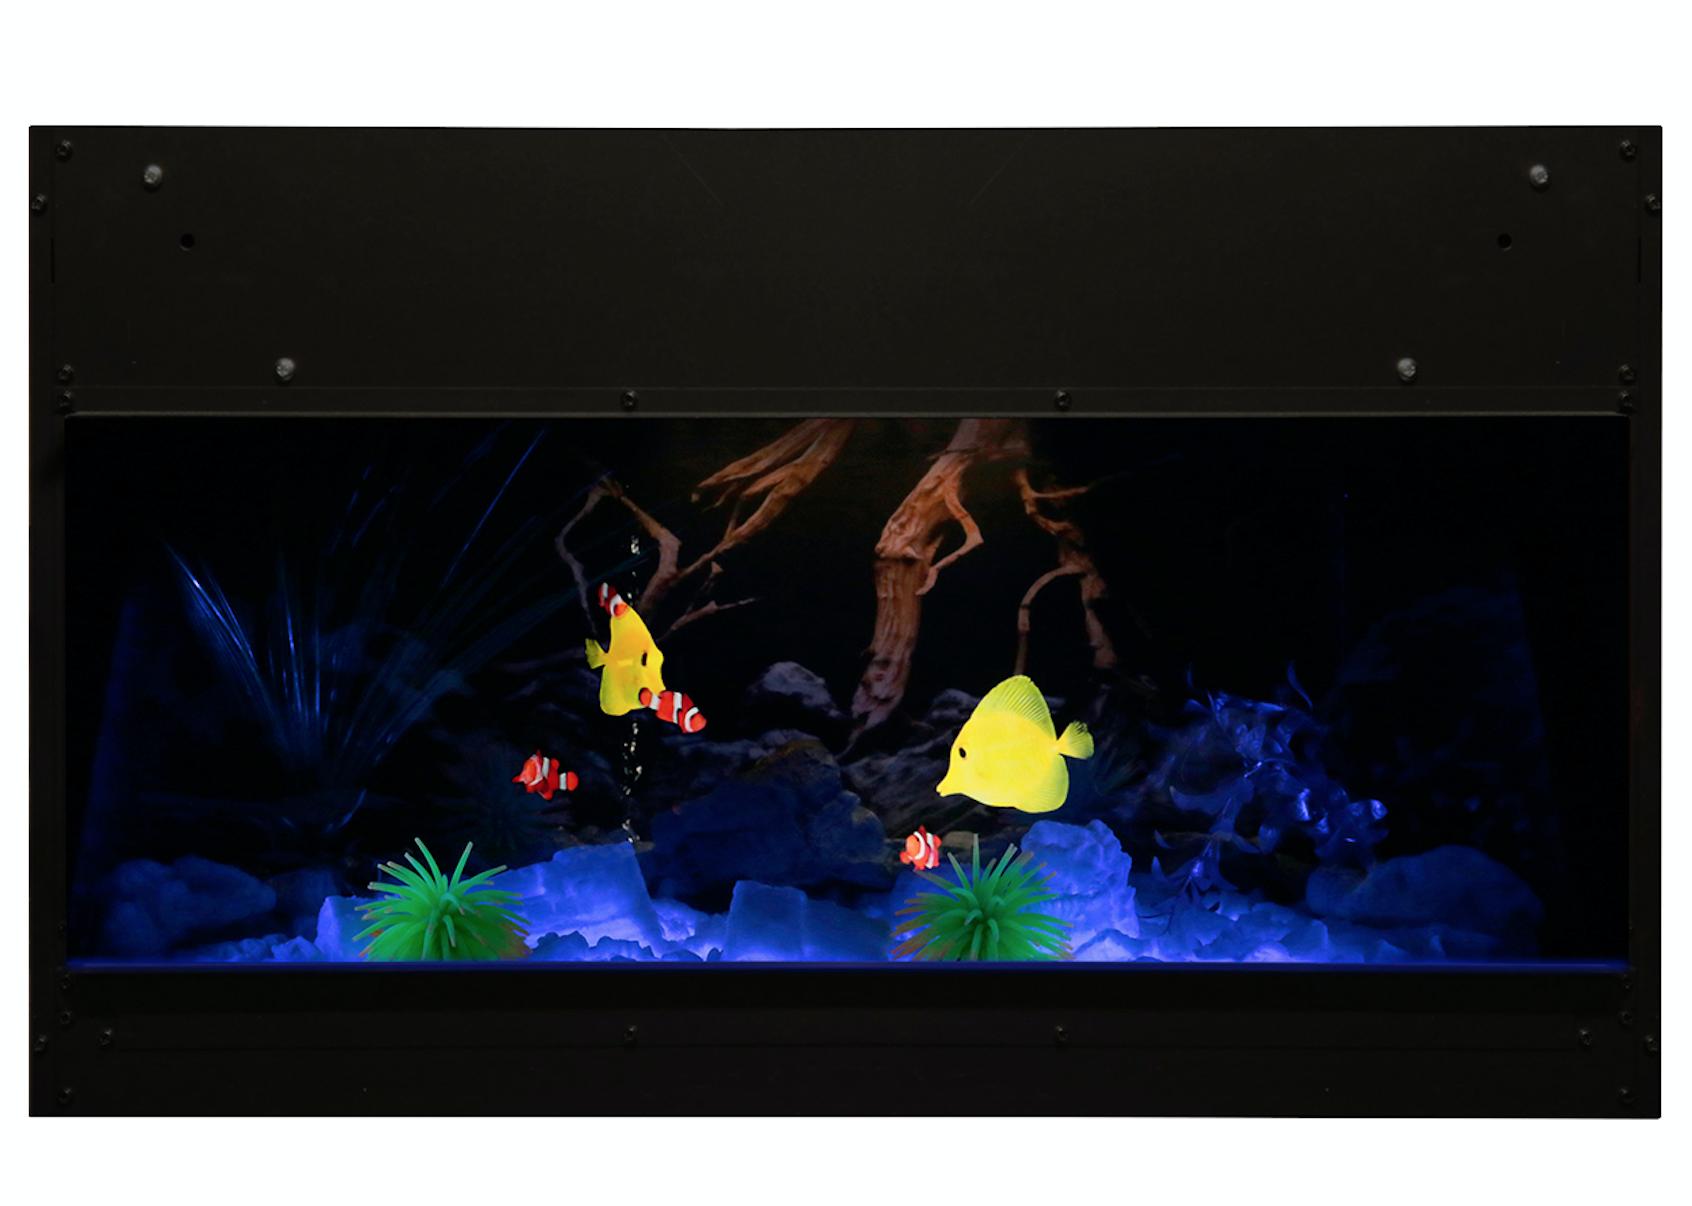 dimplex-opti-v-aquarium-front1.png